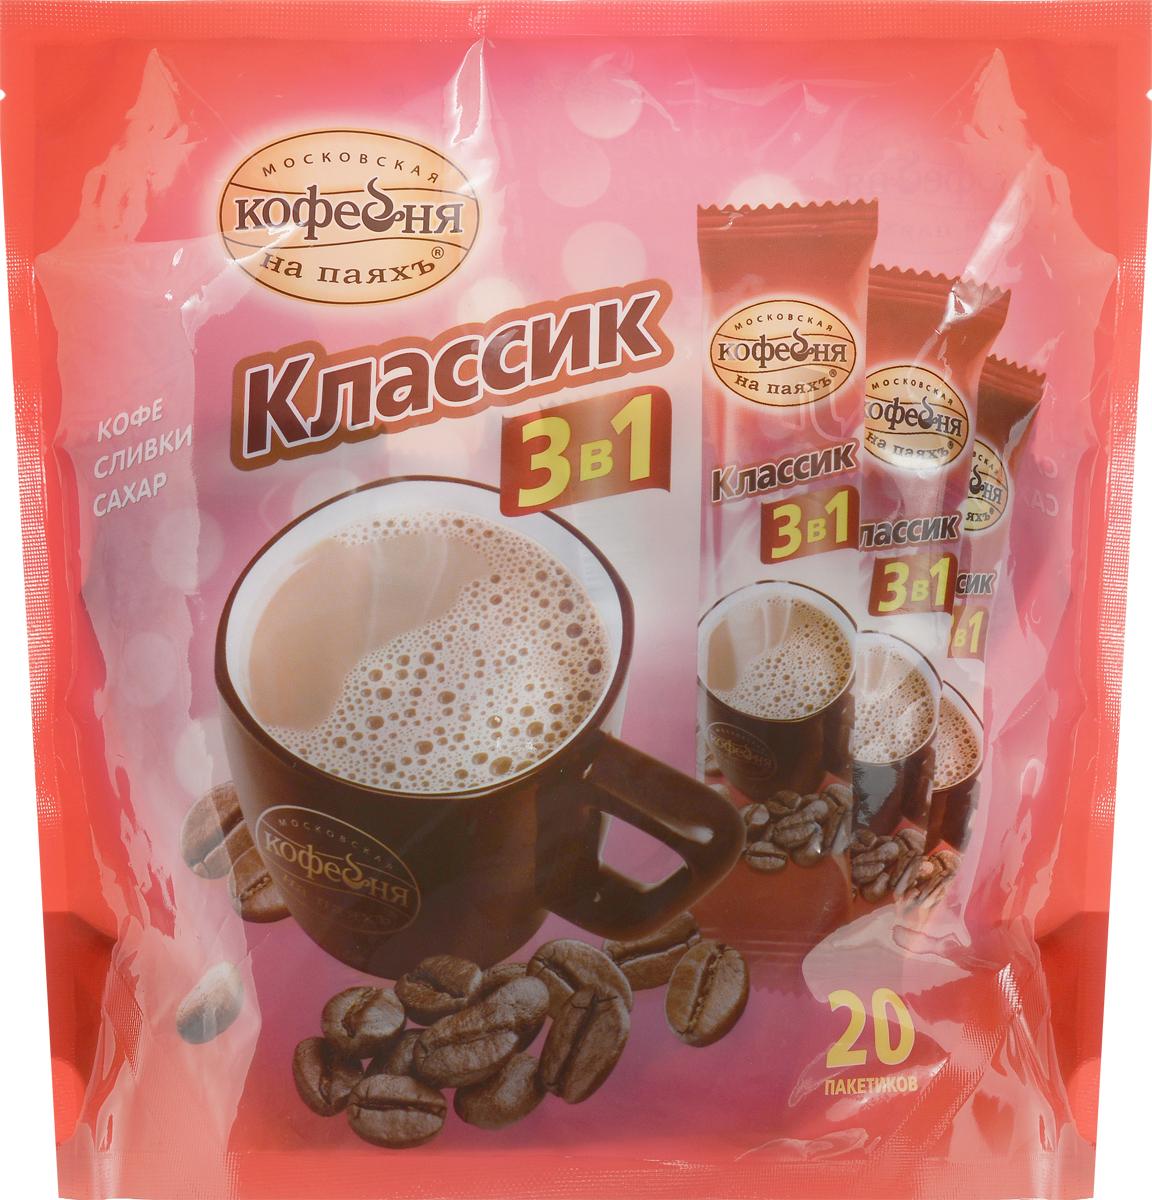 Фото - Московская кофейня на паяхъ Классик 3 в 1 напиток кофейный растворимый в пакетиках, 20 шт массoffee 3 в 1 original кофейный напиток 5 шт